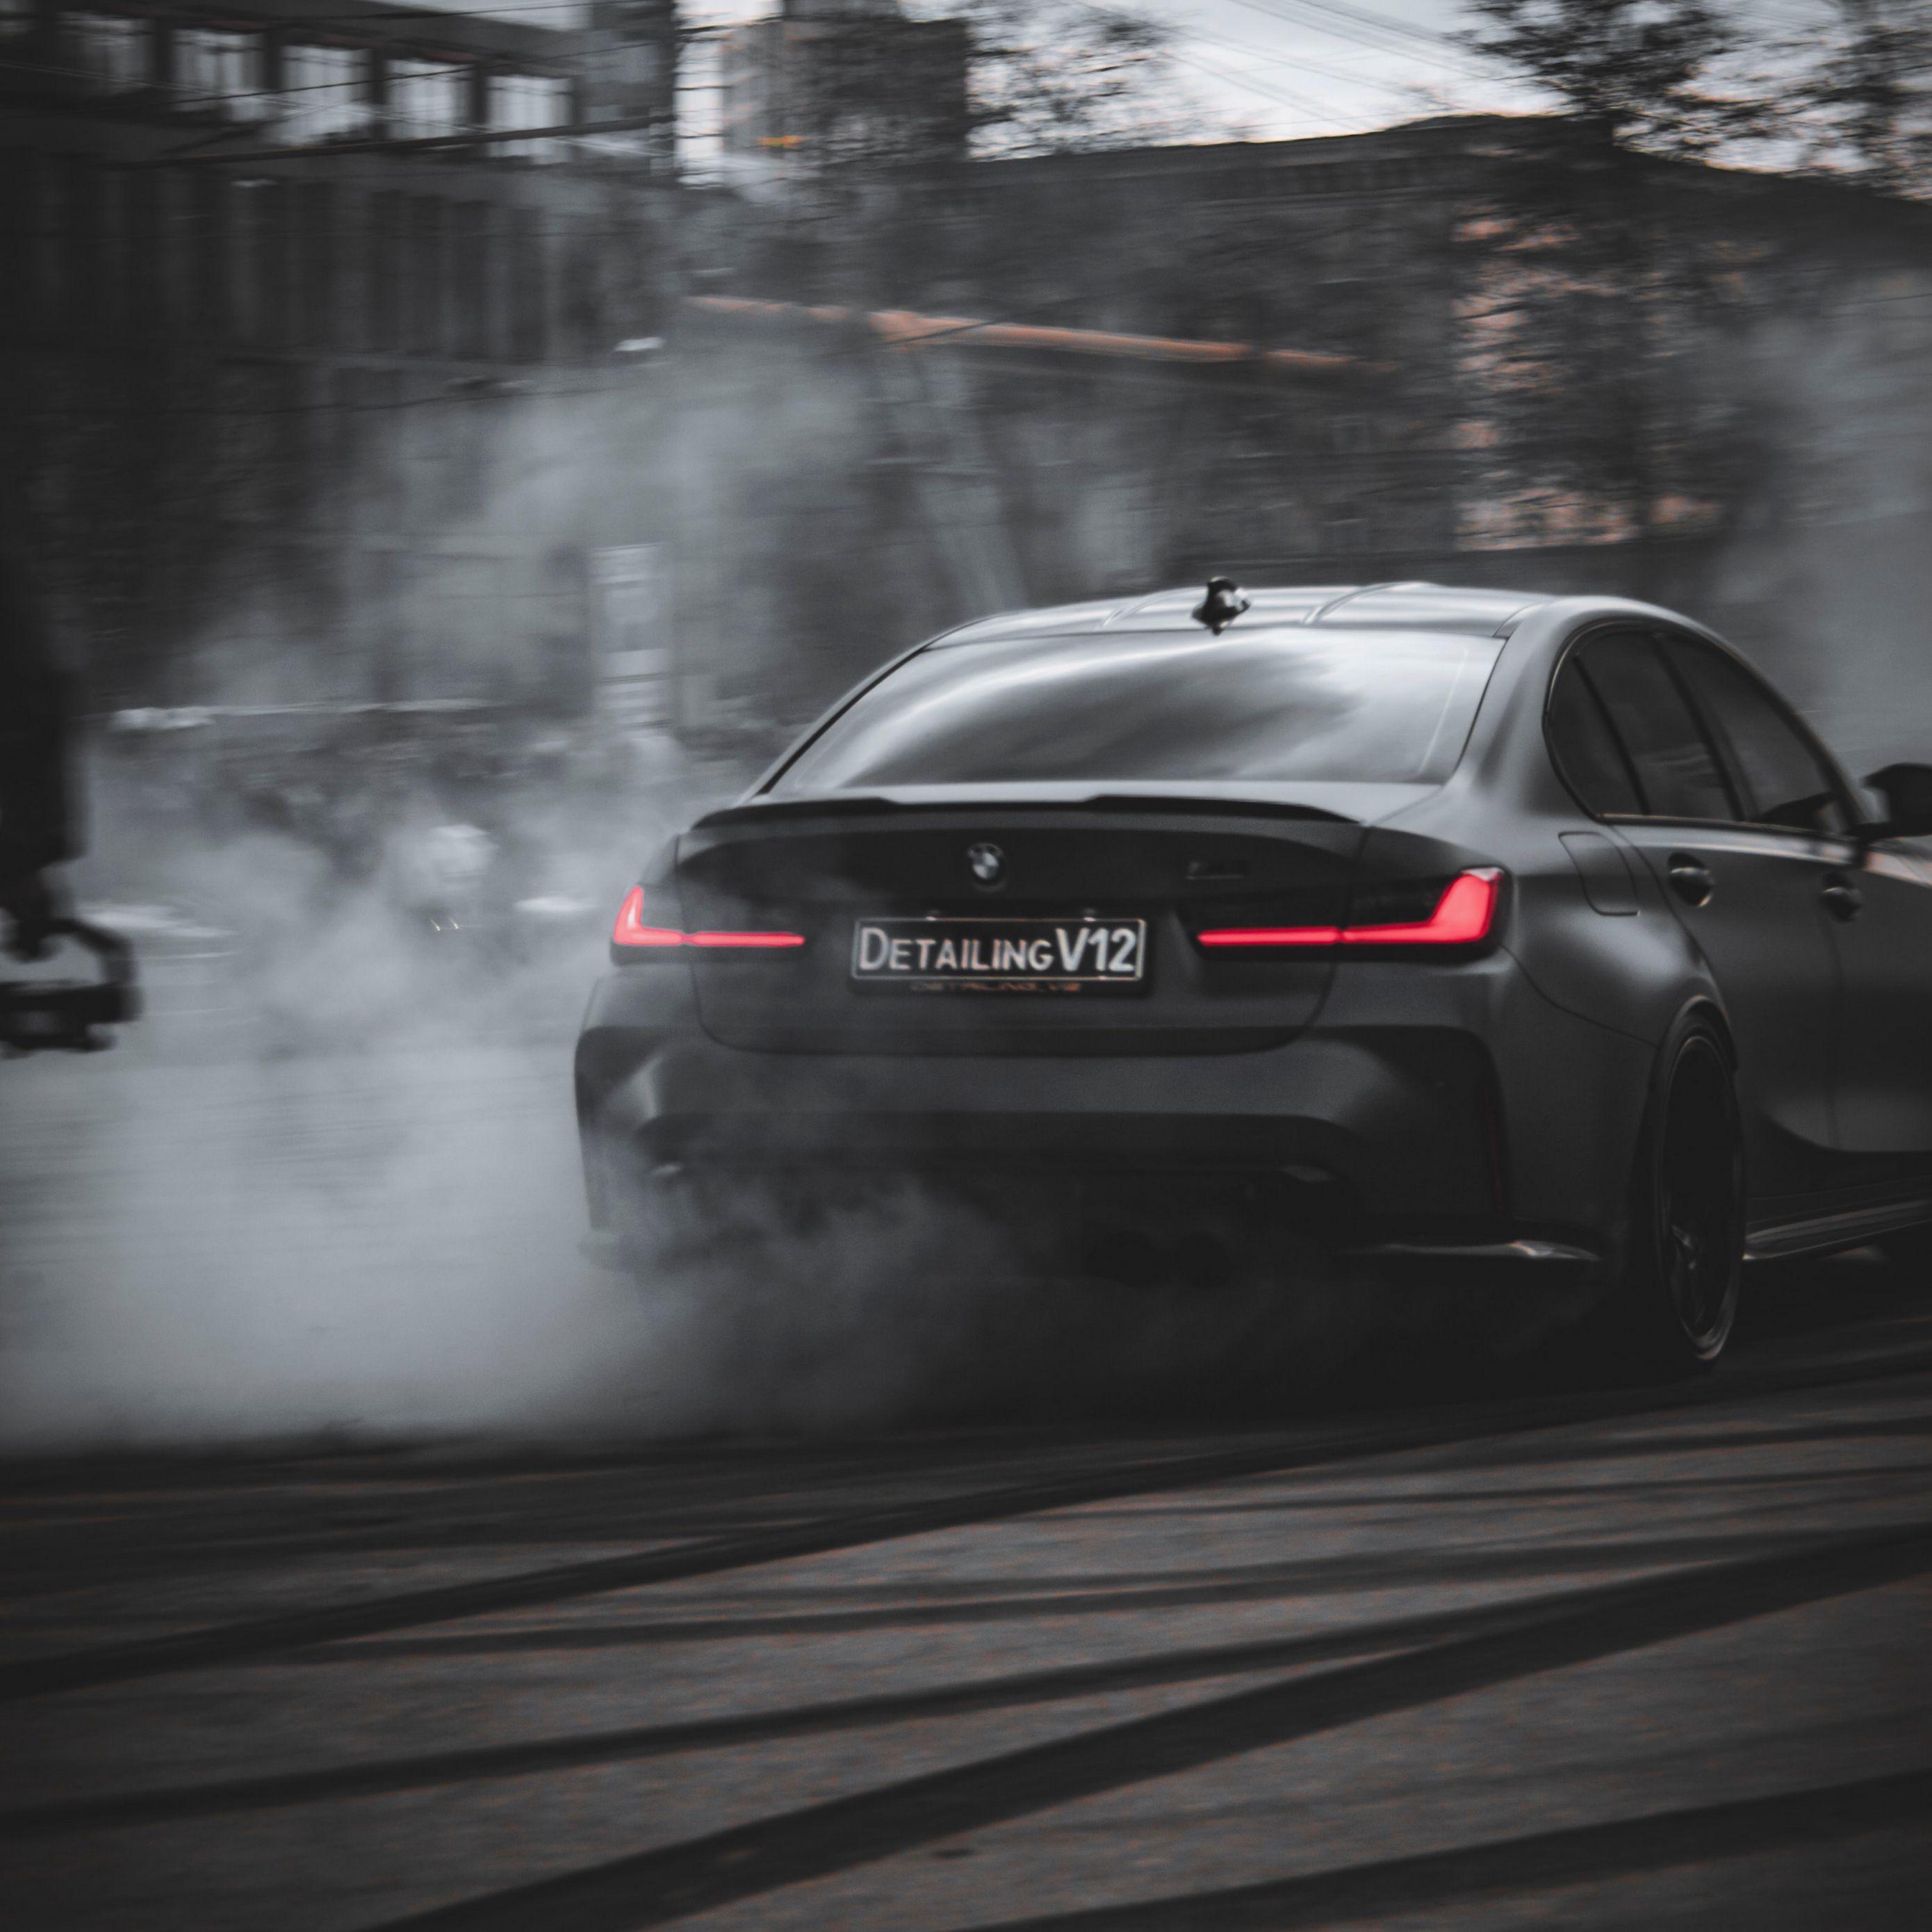 2780x2780 Wallpaper bmw, car, black, drift, smoke